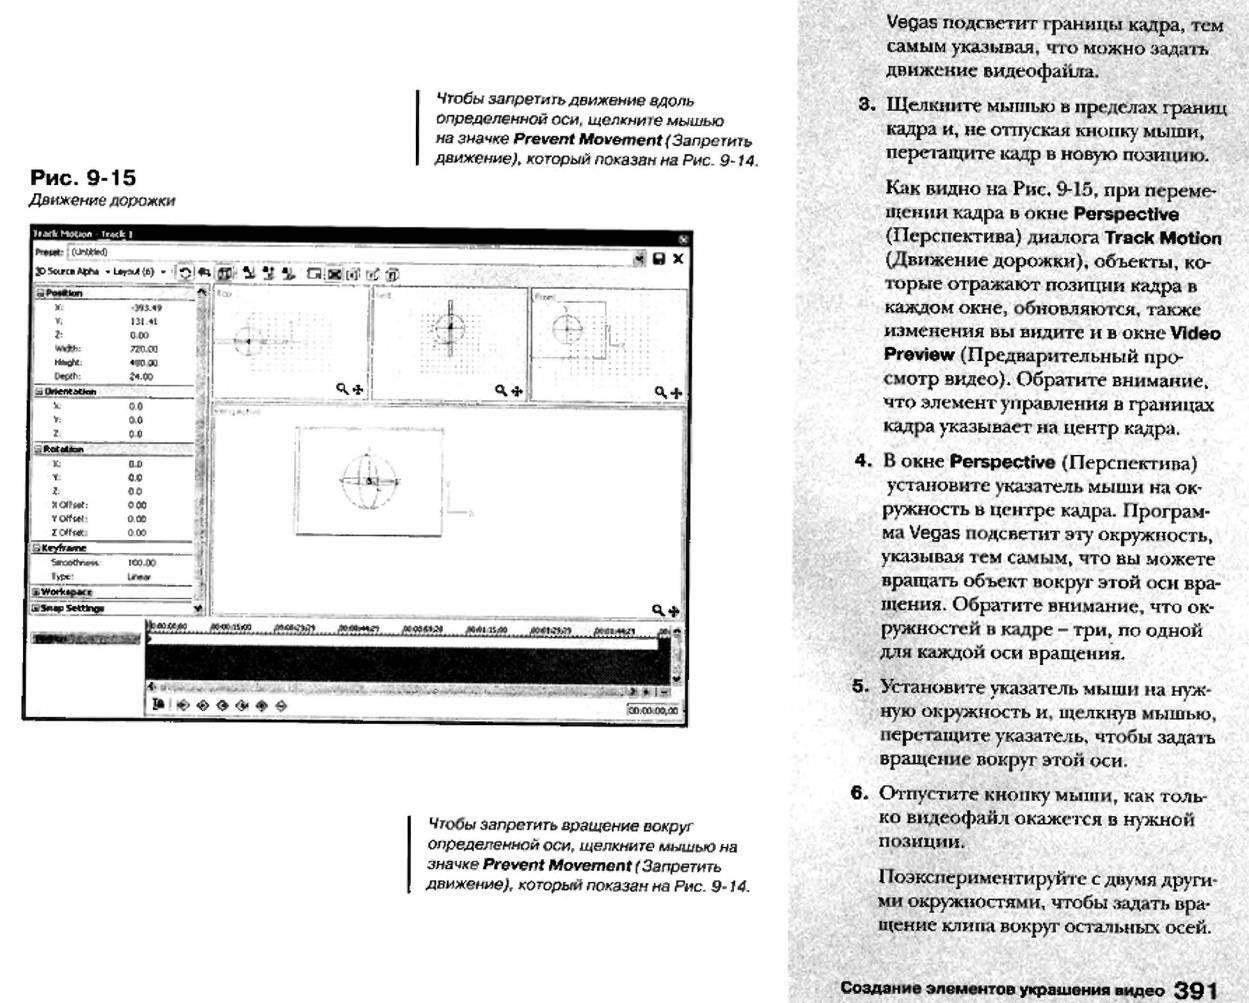 http://redaktori-uroki.3dn.ru/_ph/12/94408.jpg